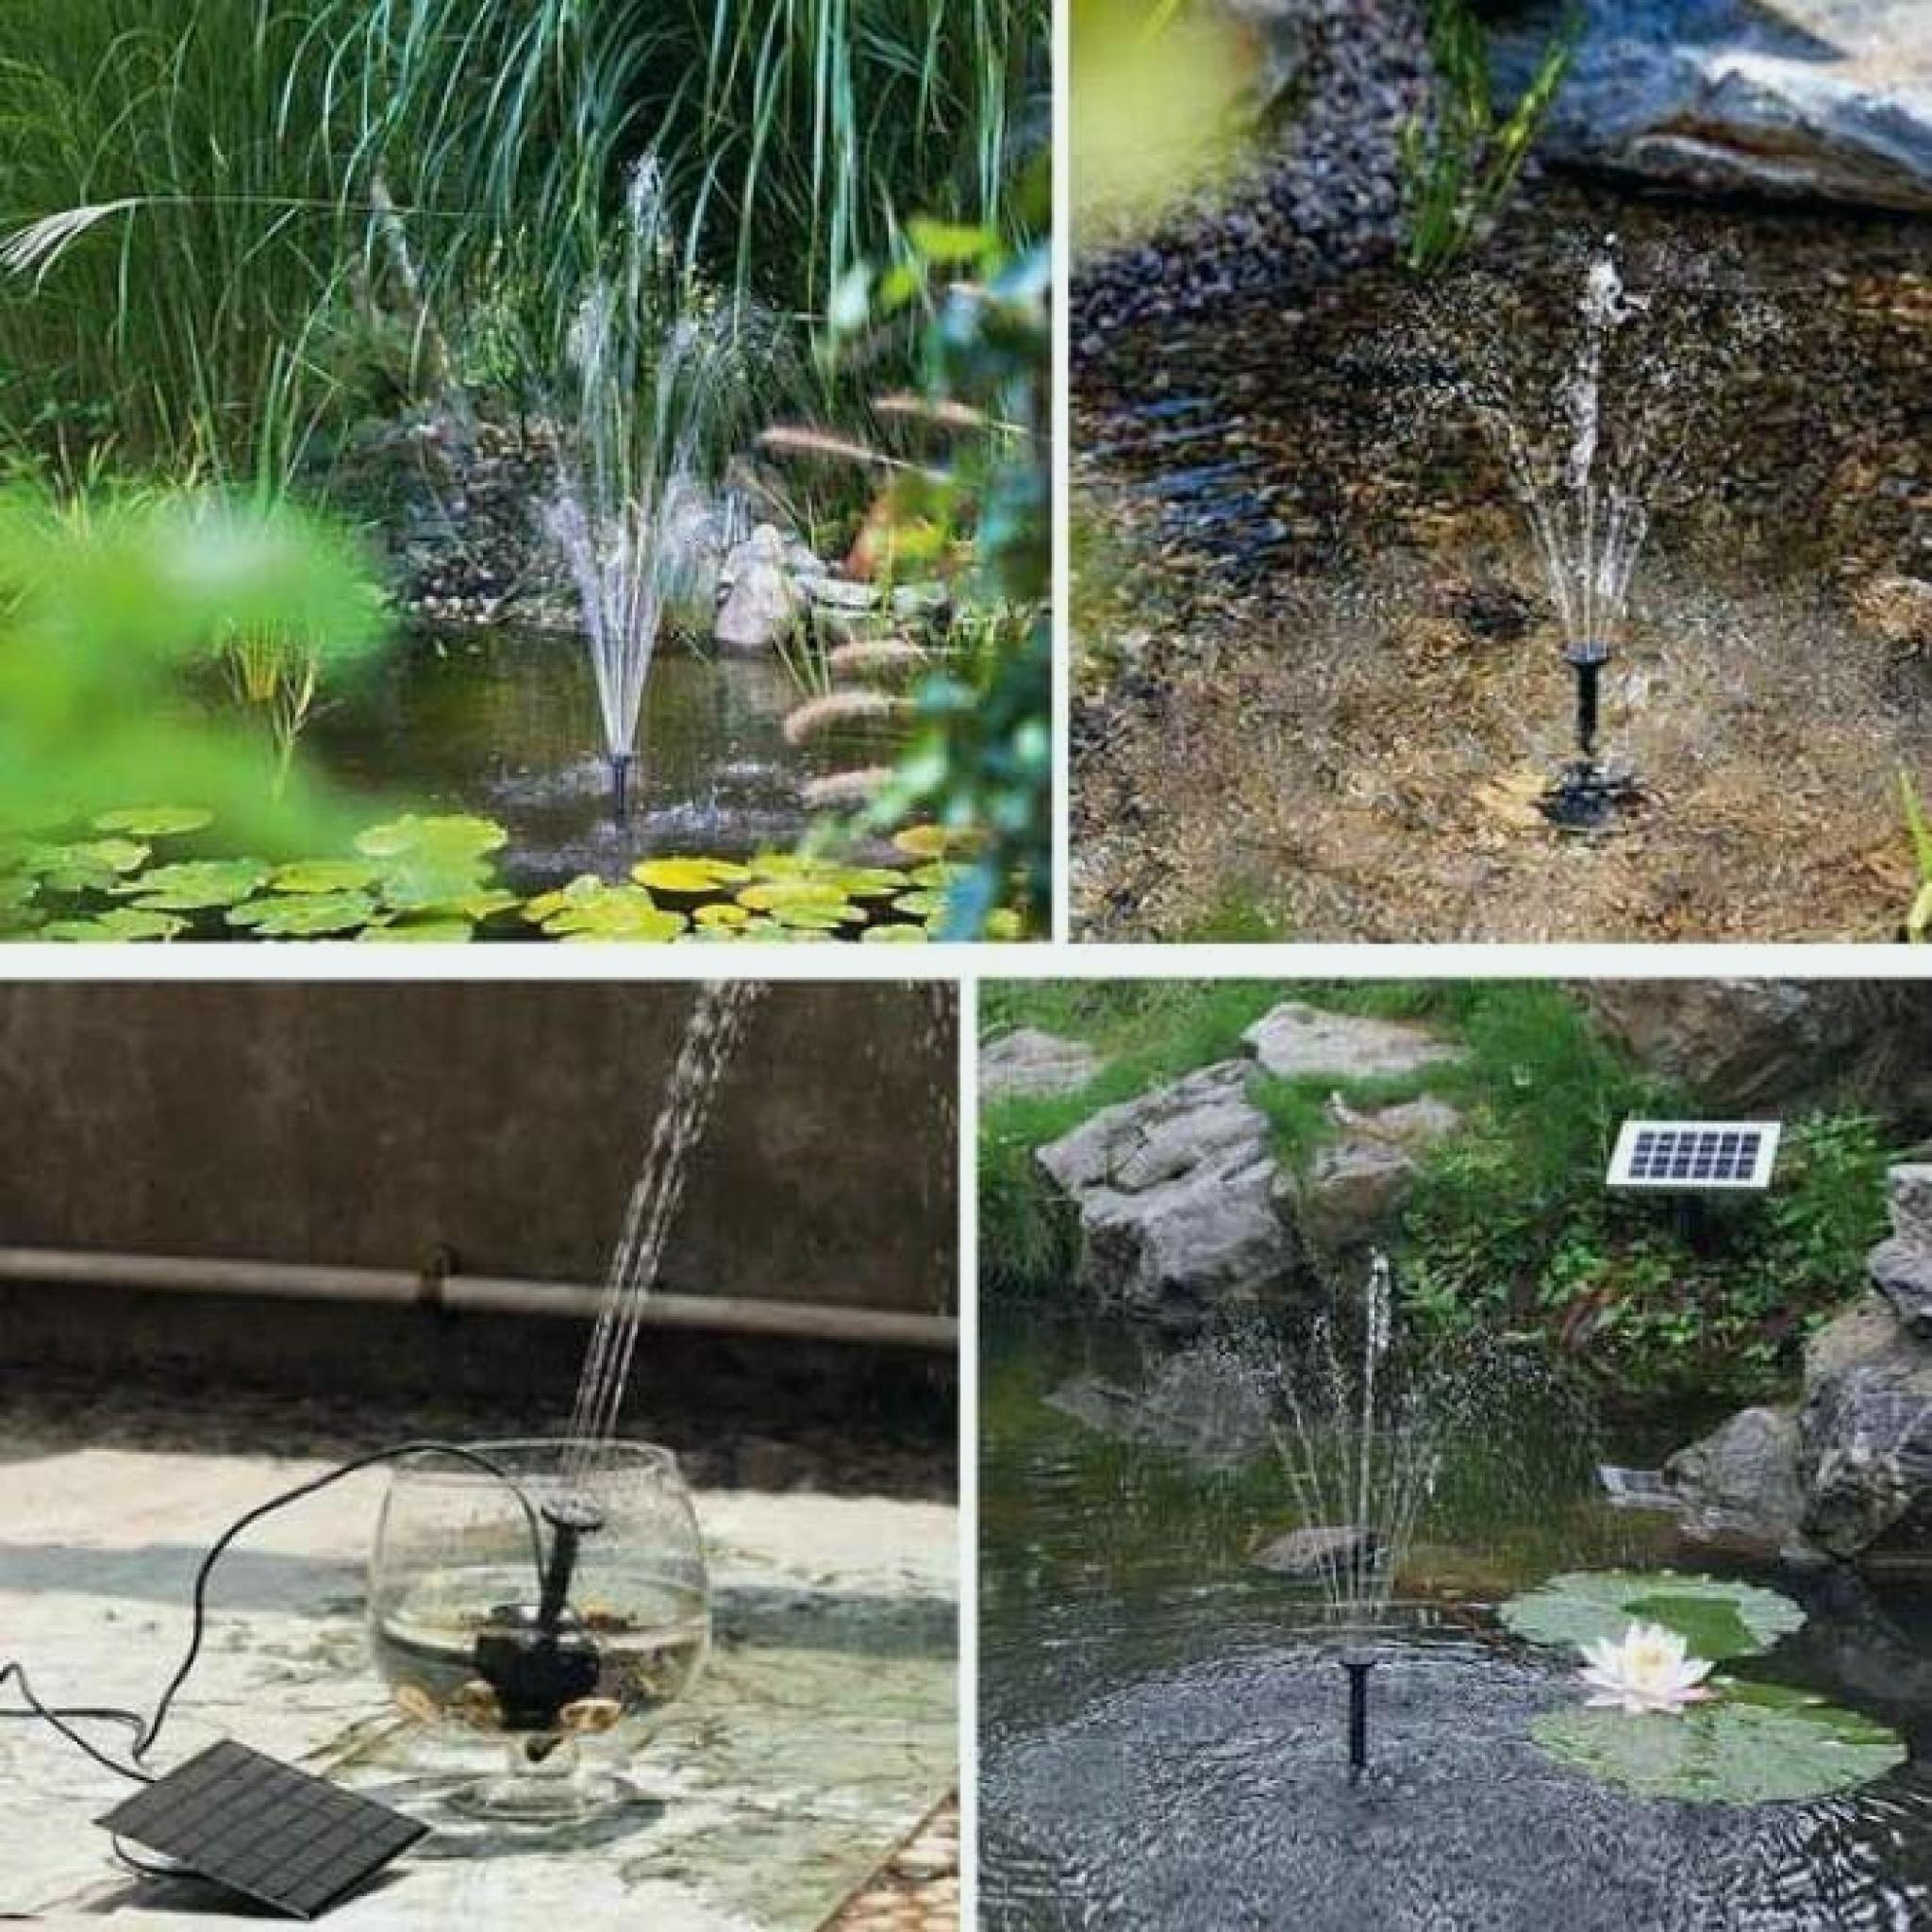 Pompe Fontaine Castorama Beau Image Pompe Fontaine Jardin Mod¨le – Sullivanmaxx